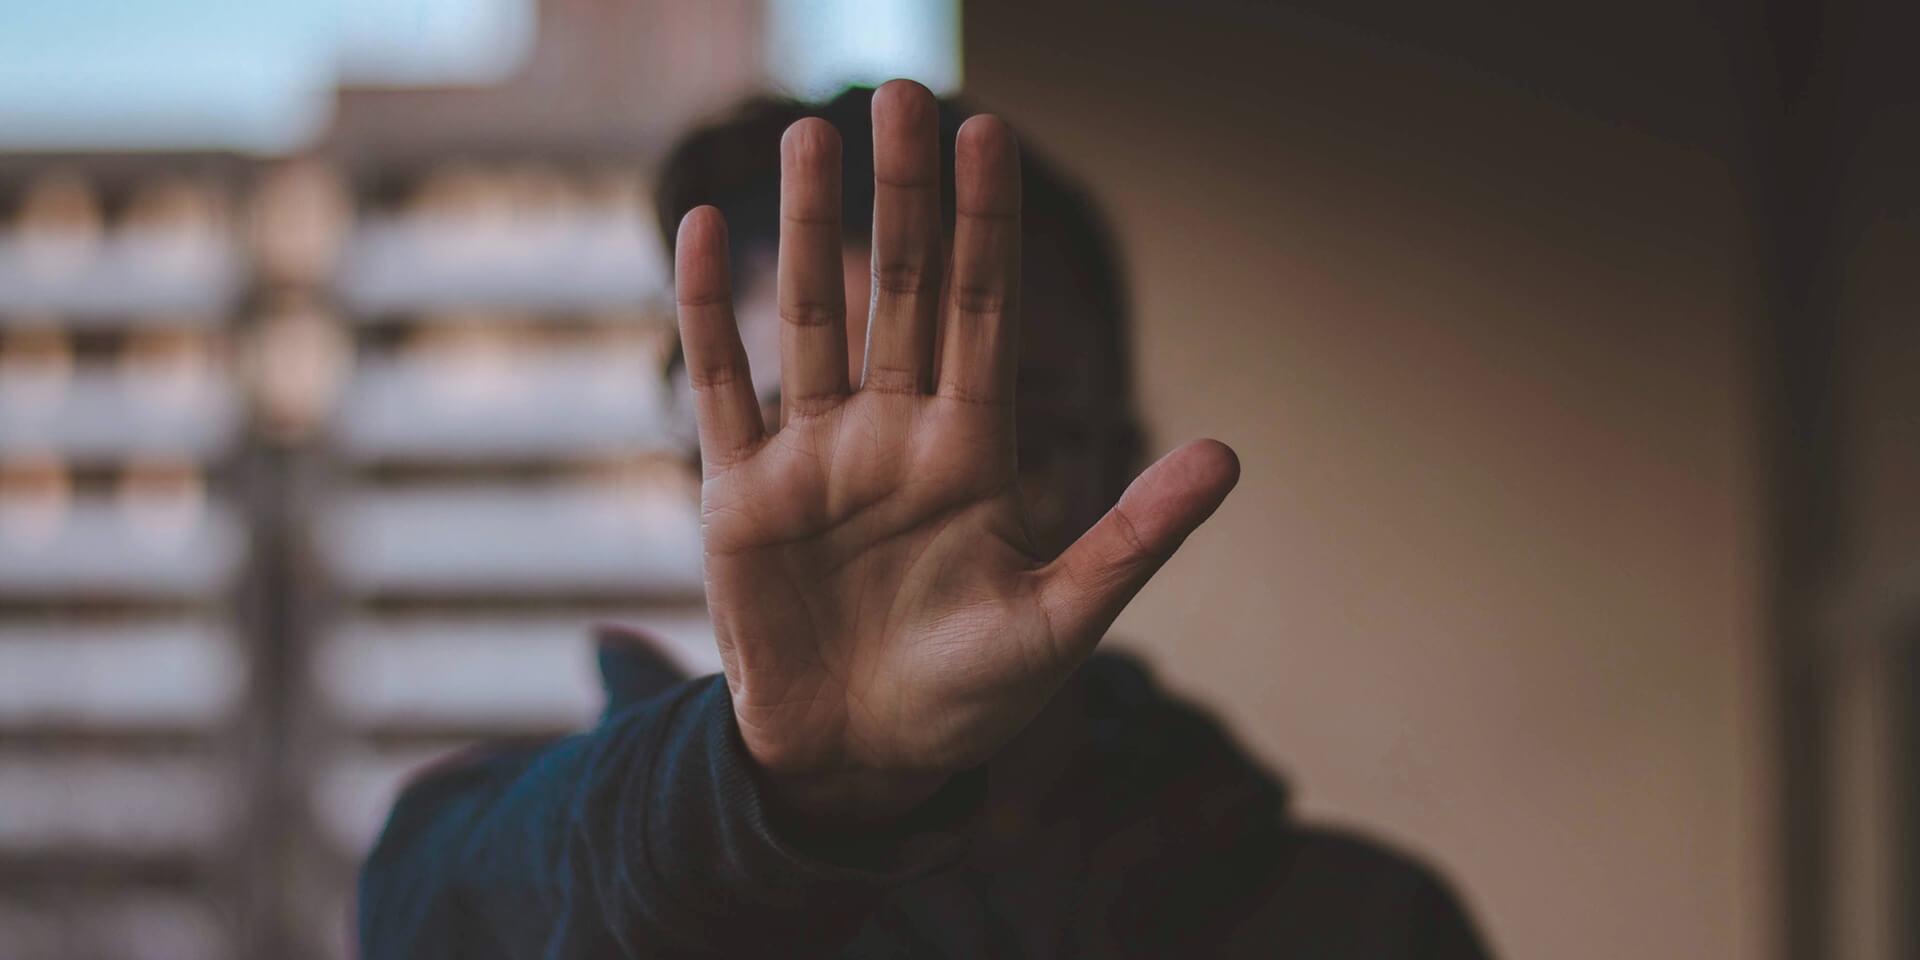 Eine Person streckt abwehrend ihre Hand vors Gesicht.